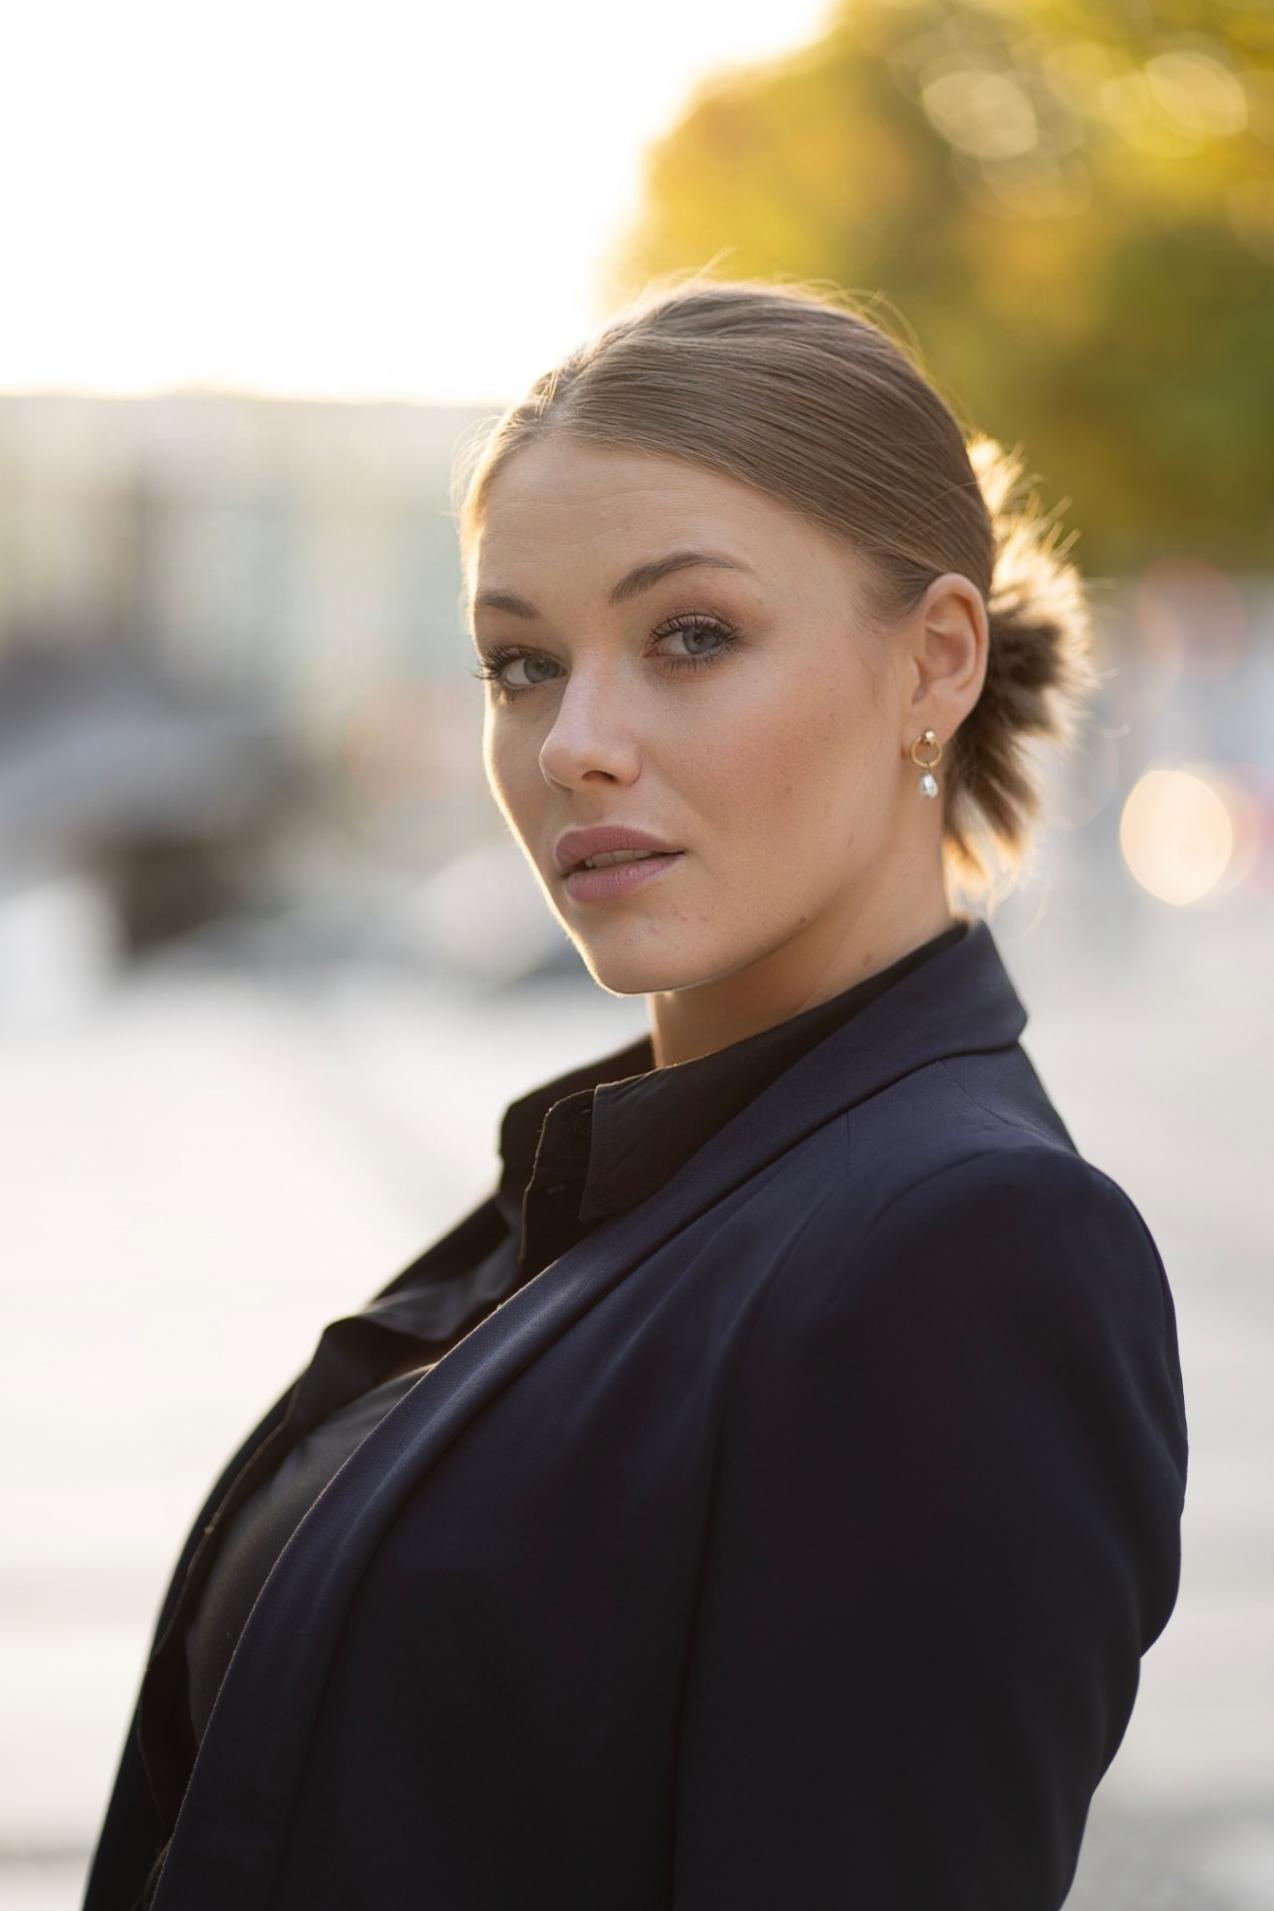 Josefin  aus Ludwigsburg  Haarfarbe: blond (mittel), Augenfarbe: blau, Größe: 175, Deutsch: 0, Englisch: , Französisch: , Spanisch: